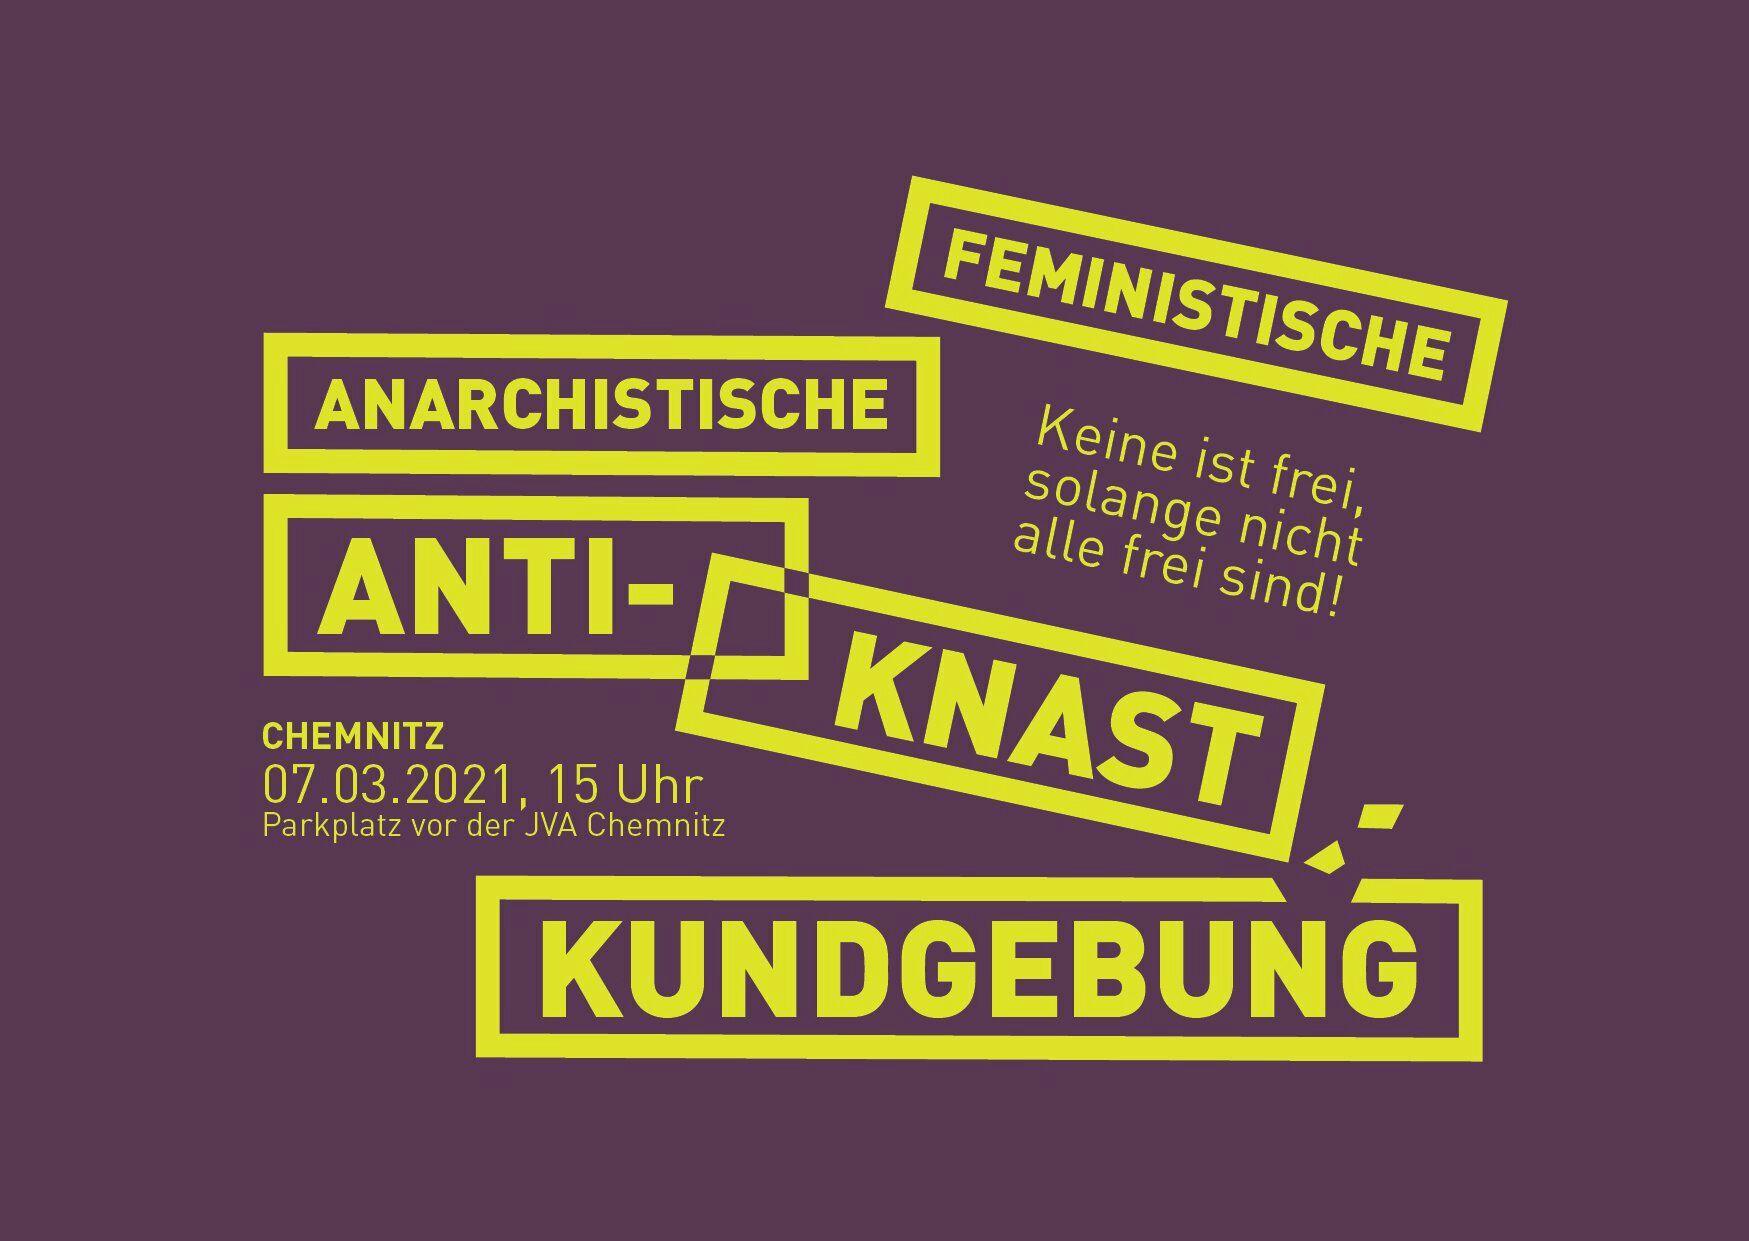 """""""Keine ist frei solange nicht Alle frei sind!""""- feministische anarchistische Antiknastkundgebung"""